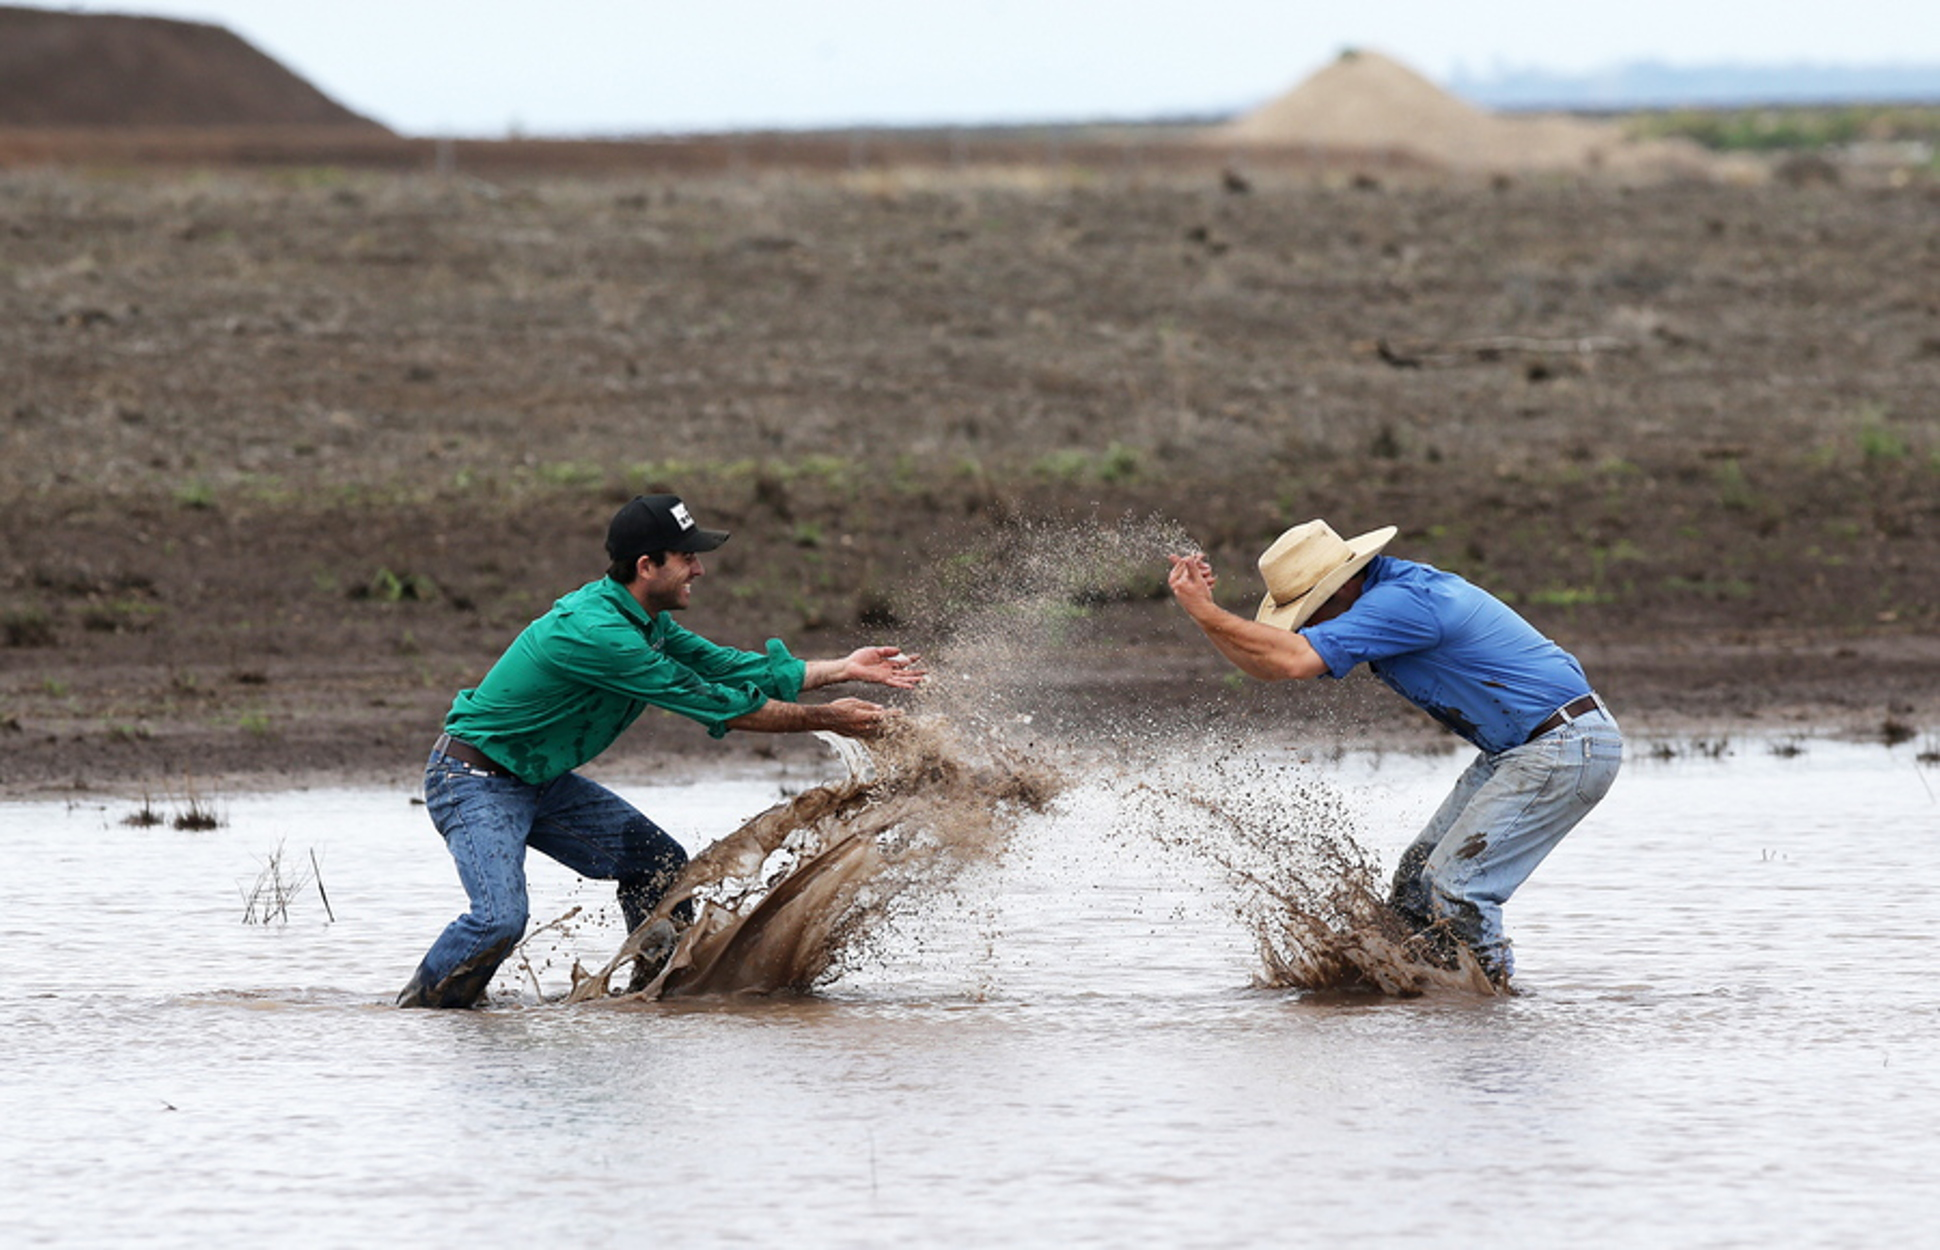 Αυστραλία: Πλημμυρίζουν και... τους αρέσει! Κατακλυσμιαίες βροχές σβήνουν τις τεράστιες φωτιές [pics]